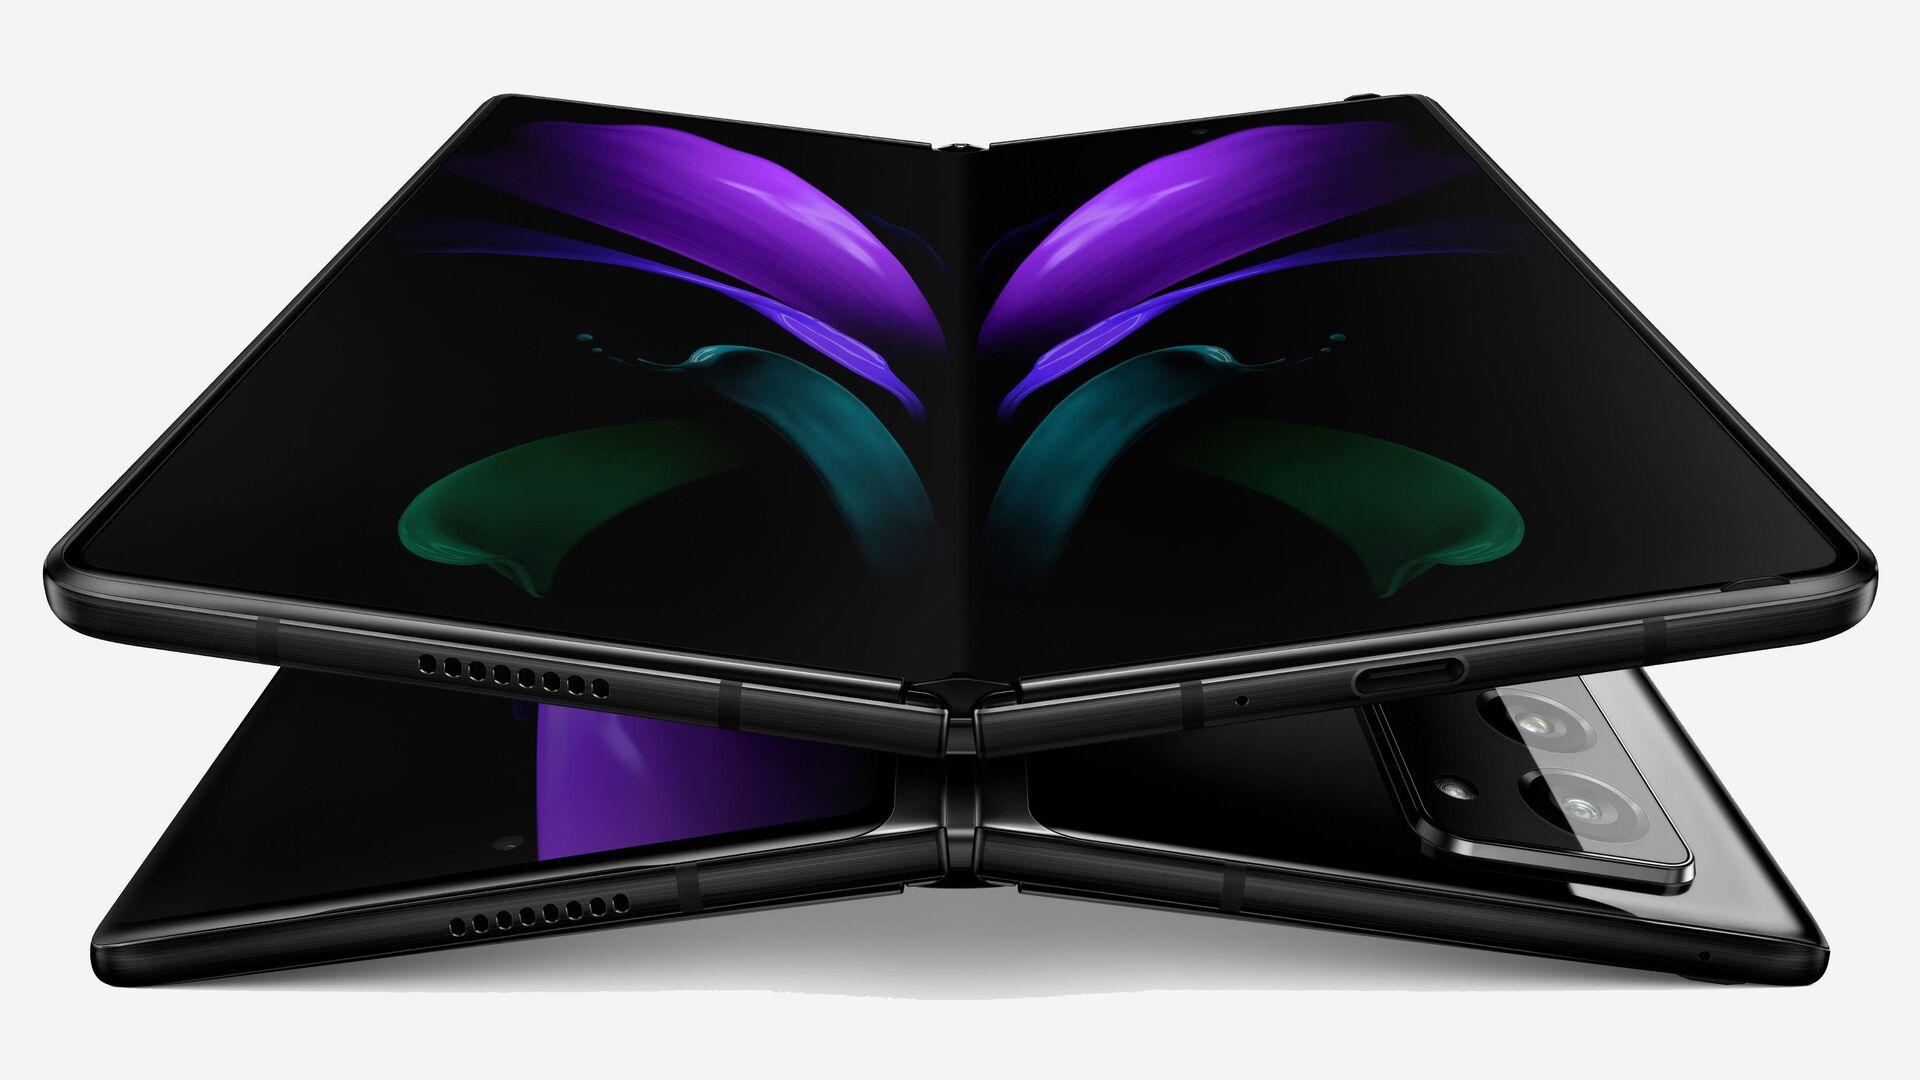 Смартфон Samsung Galaxy Z Fold 2 - РИА Новости, 1920, 01.09.2020